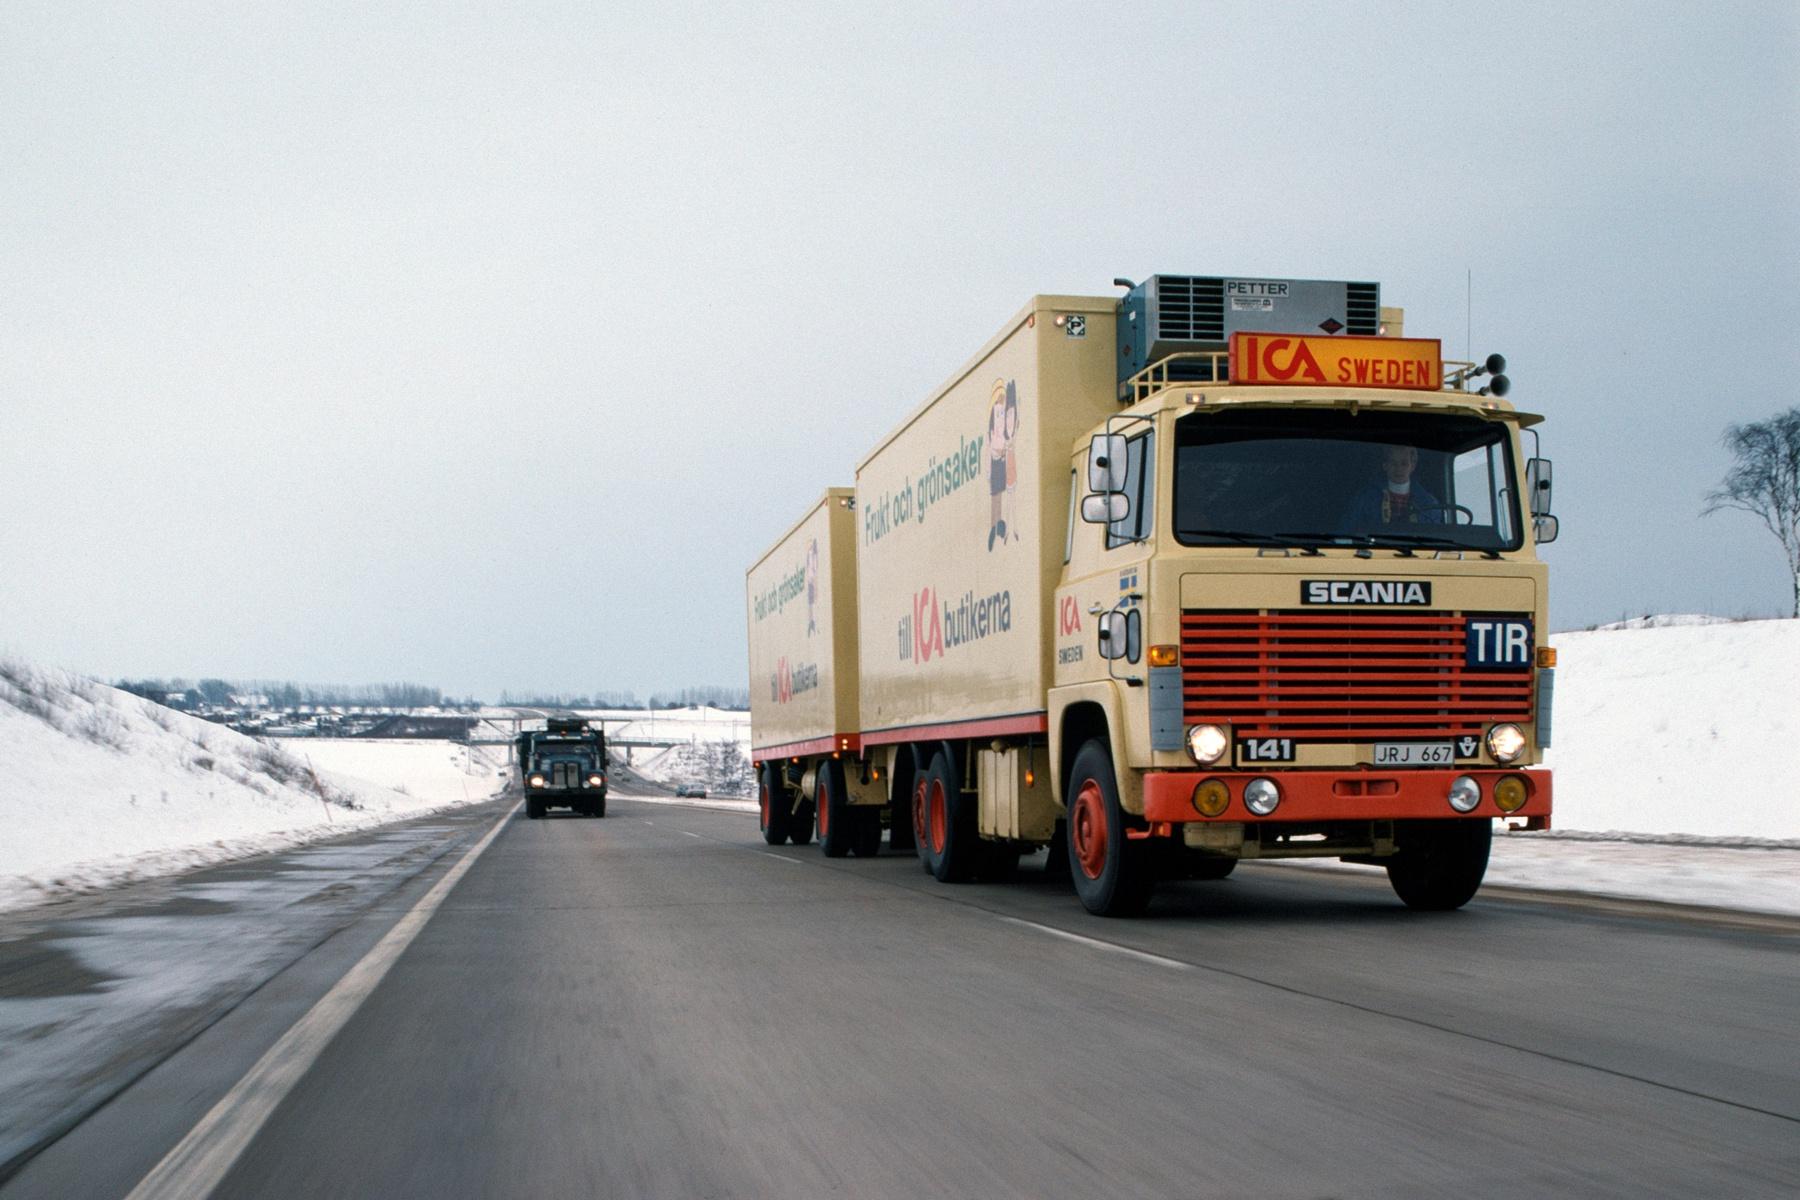 革新の文化を継続してきた「スカニアトラック117年の歴史」VOL.02 〜戦後から1970年代まで〜